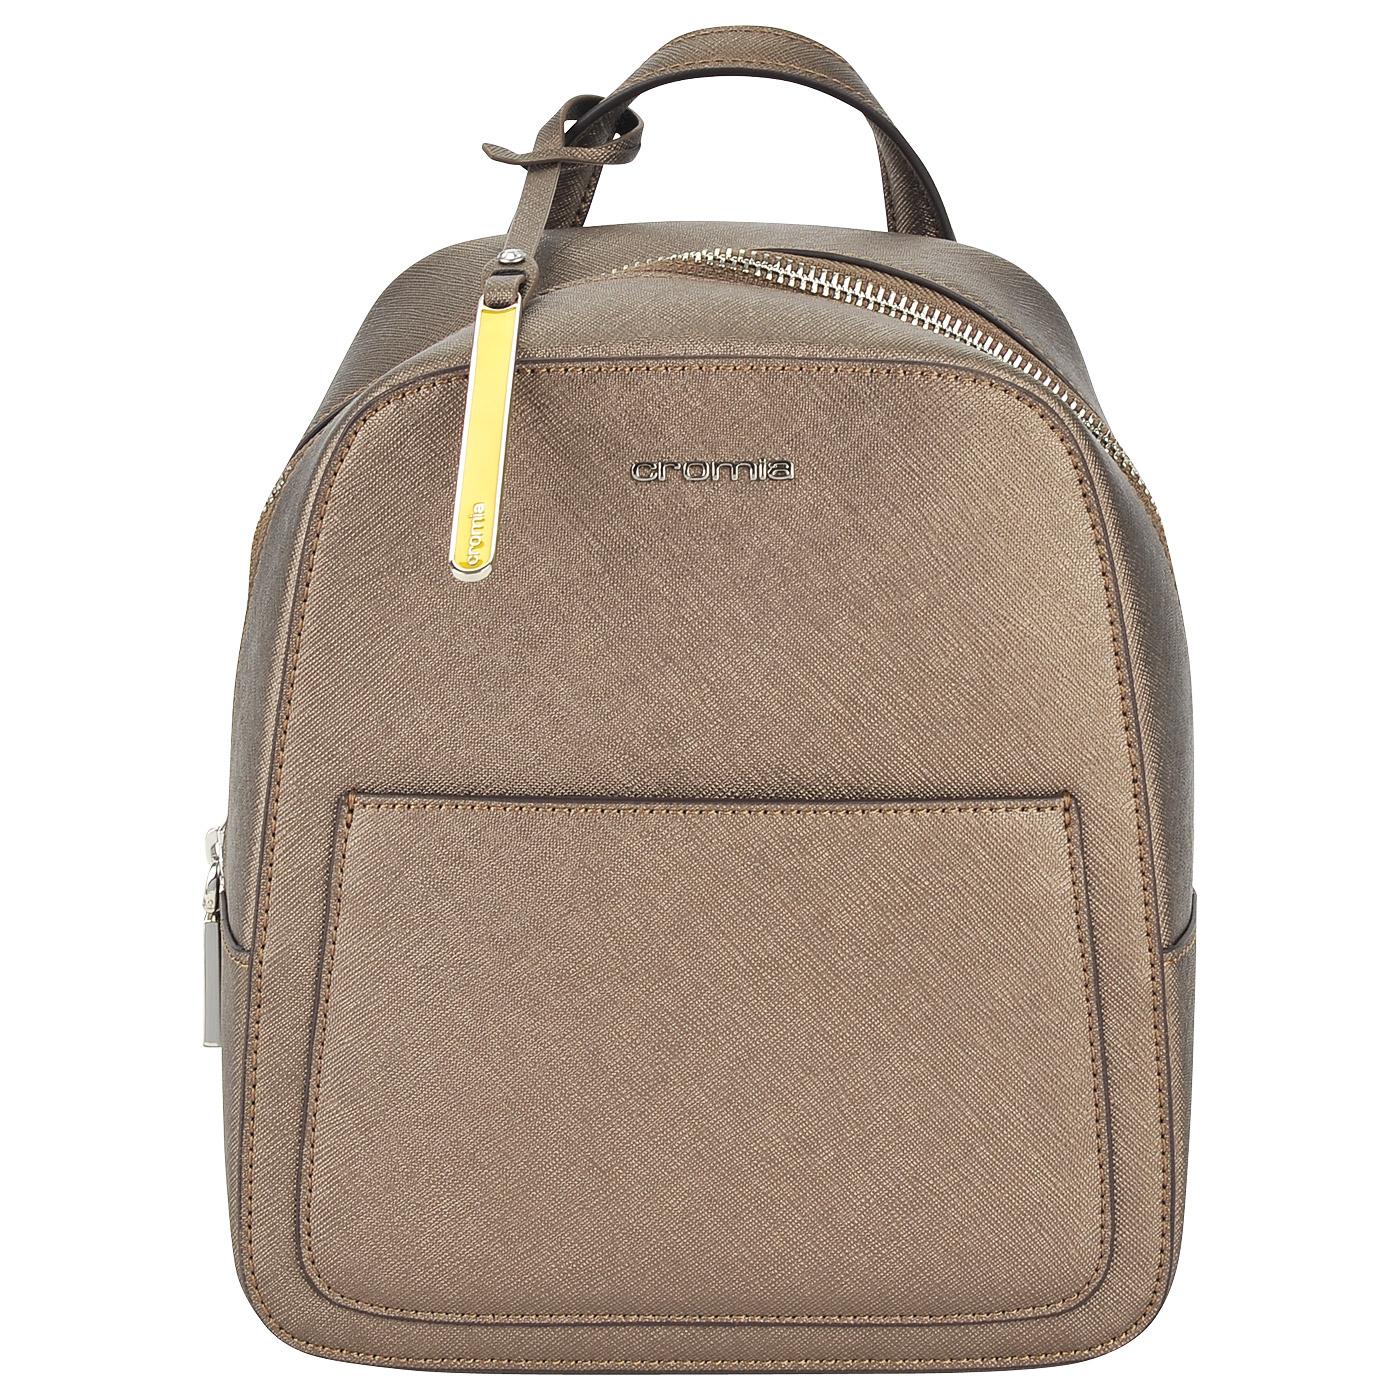 07bd35345628 Маленький женский рюкзак из сафьяновой кожи Cromia Perla ...